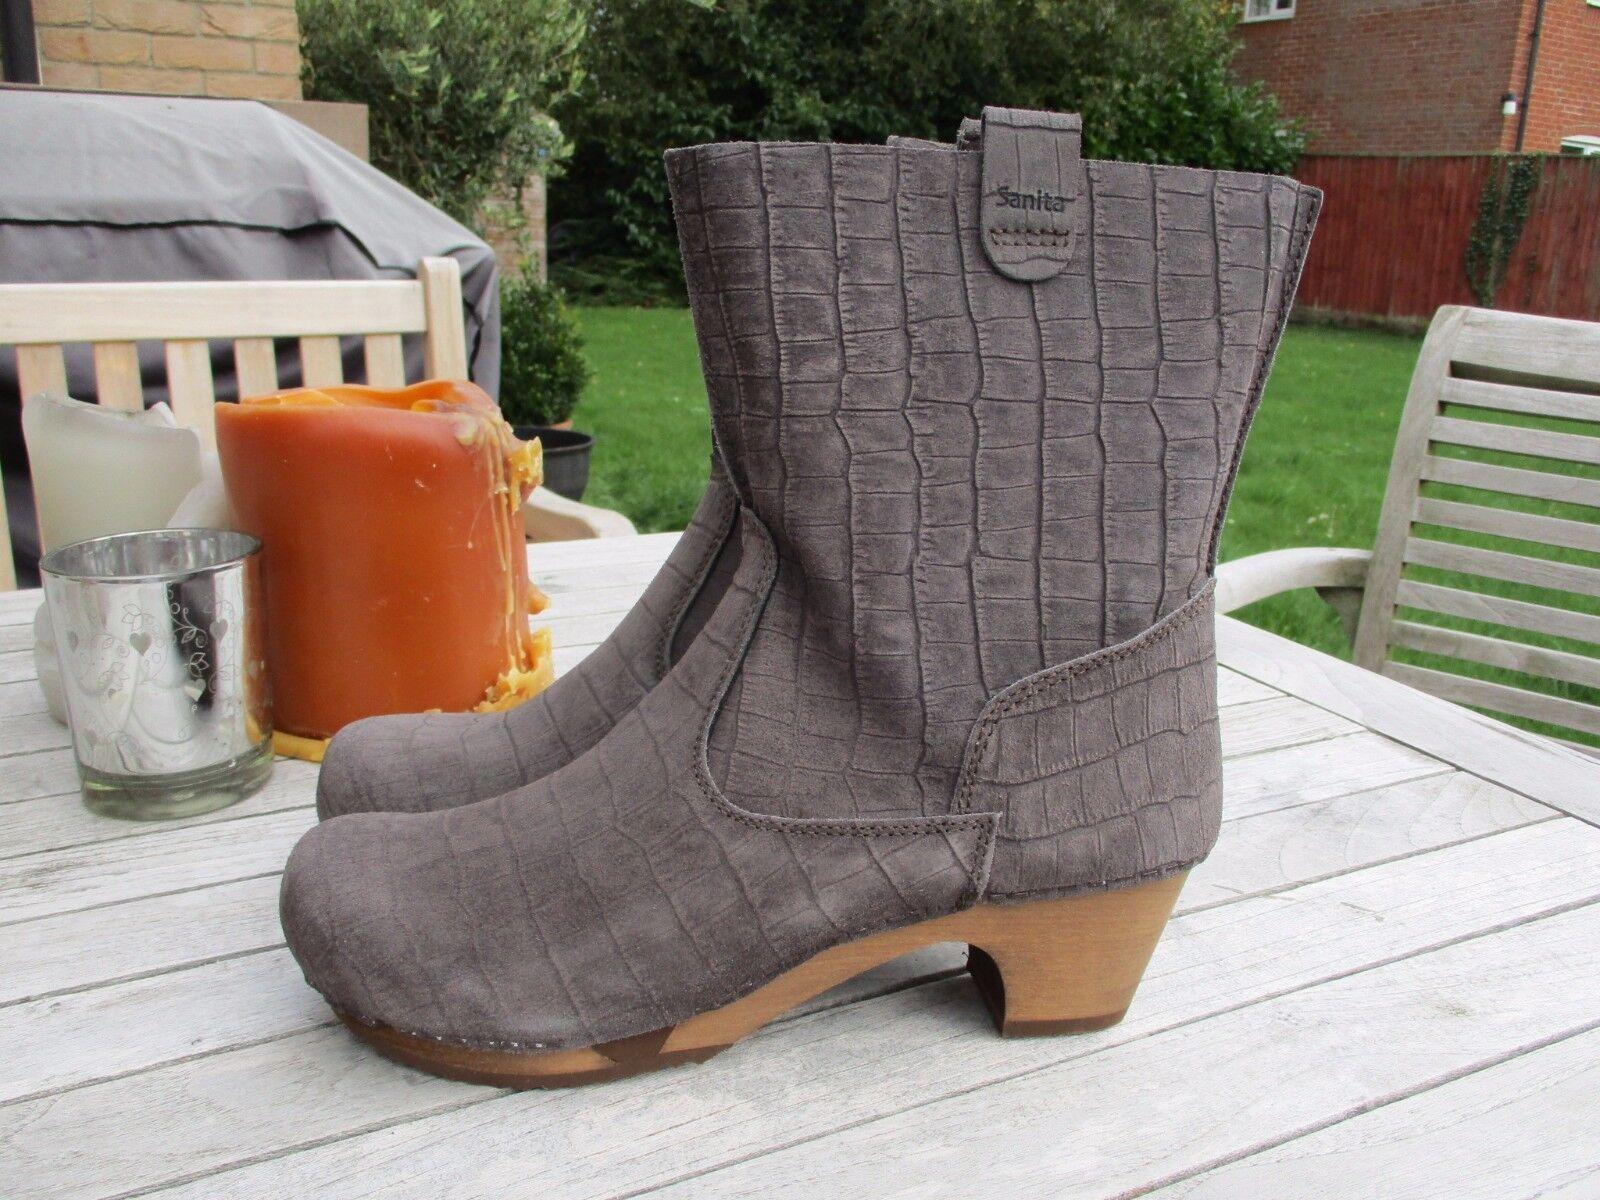 Nuevo-Sanita-Liva Soft Flex Flex Flex en relieve de cuero de gamuza obstruir botas En Piedra Talla 40  mejor calidad